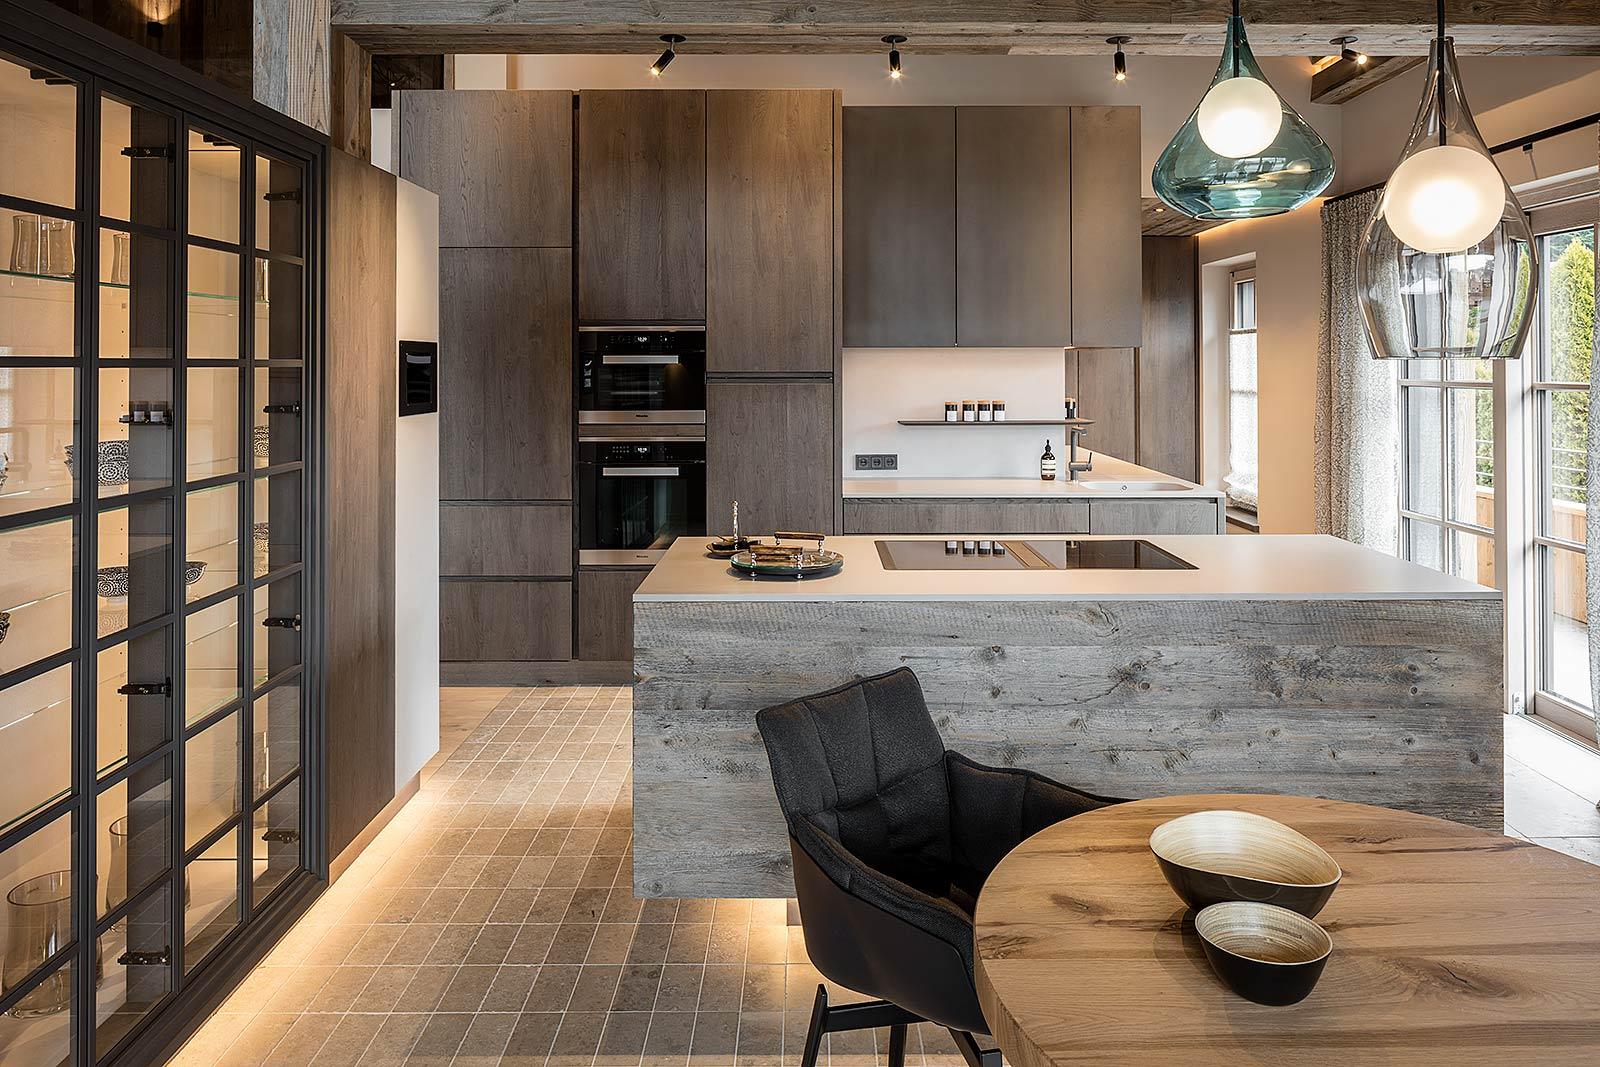 Interior und Küchen Fotos, architekturfotografie aus münchen